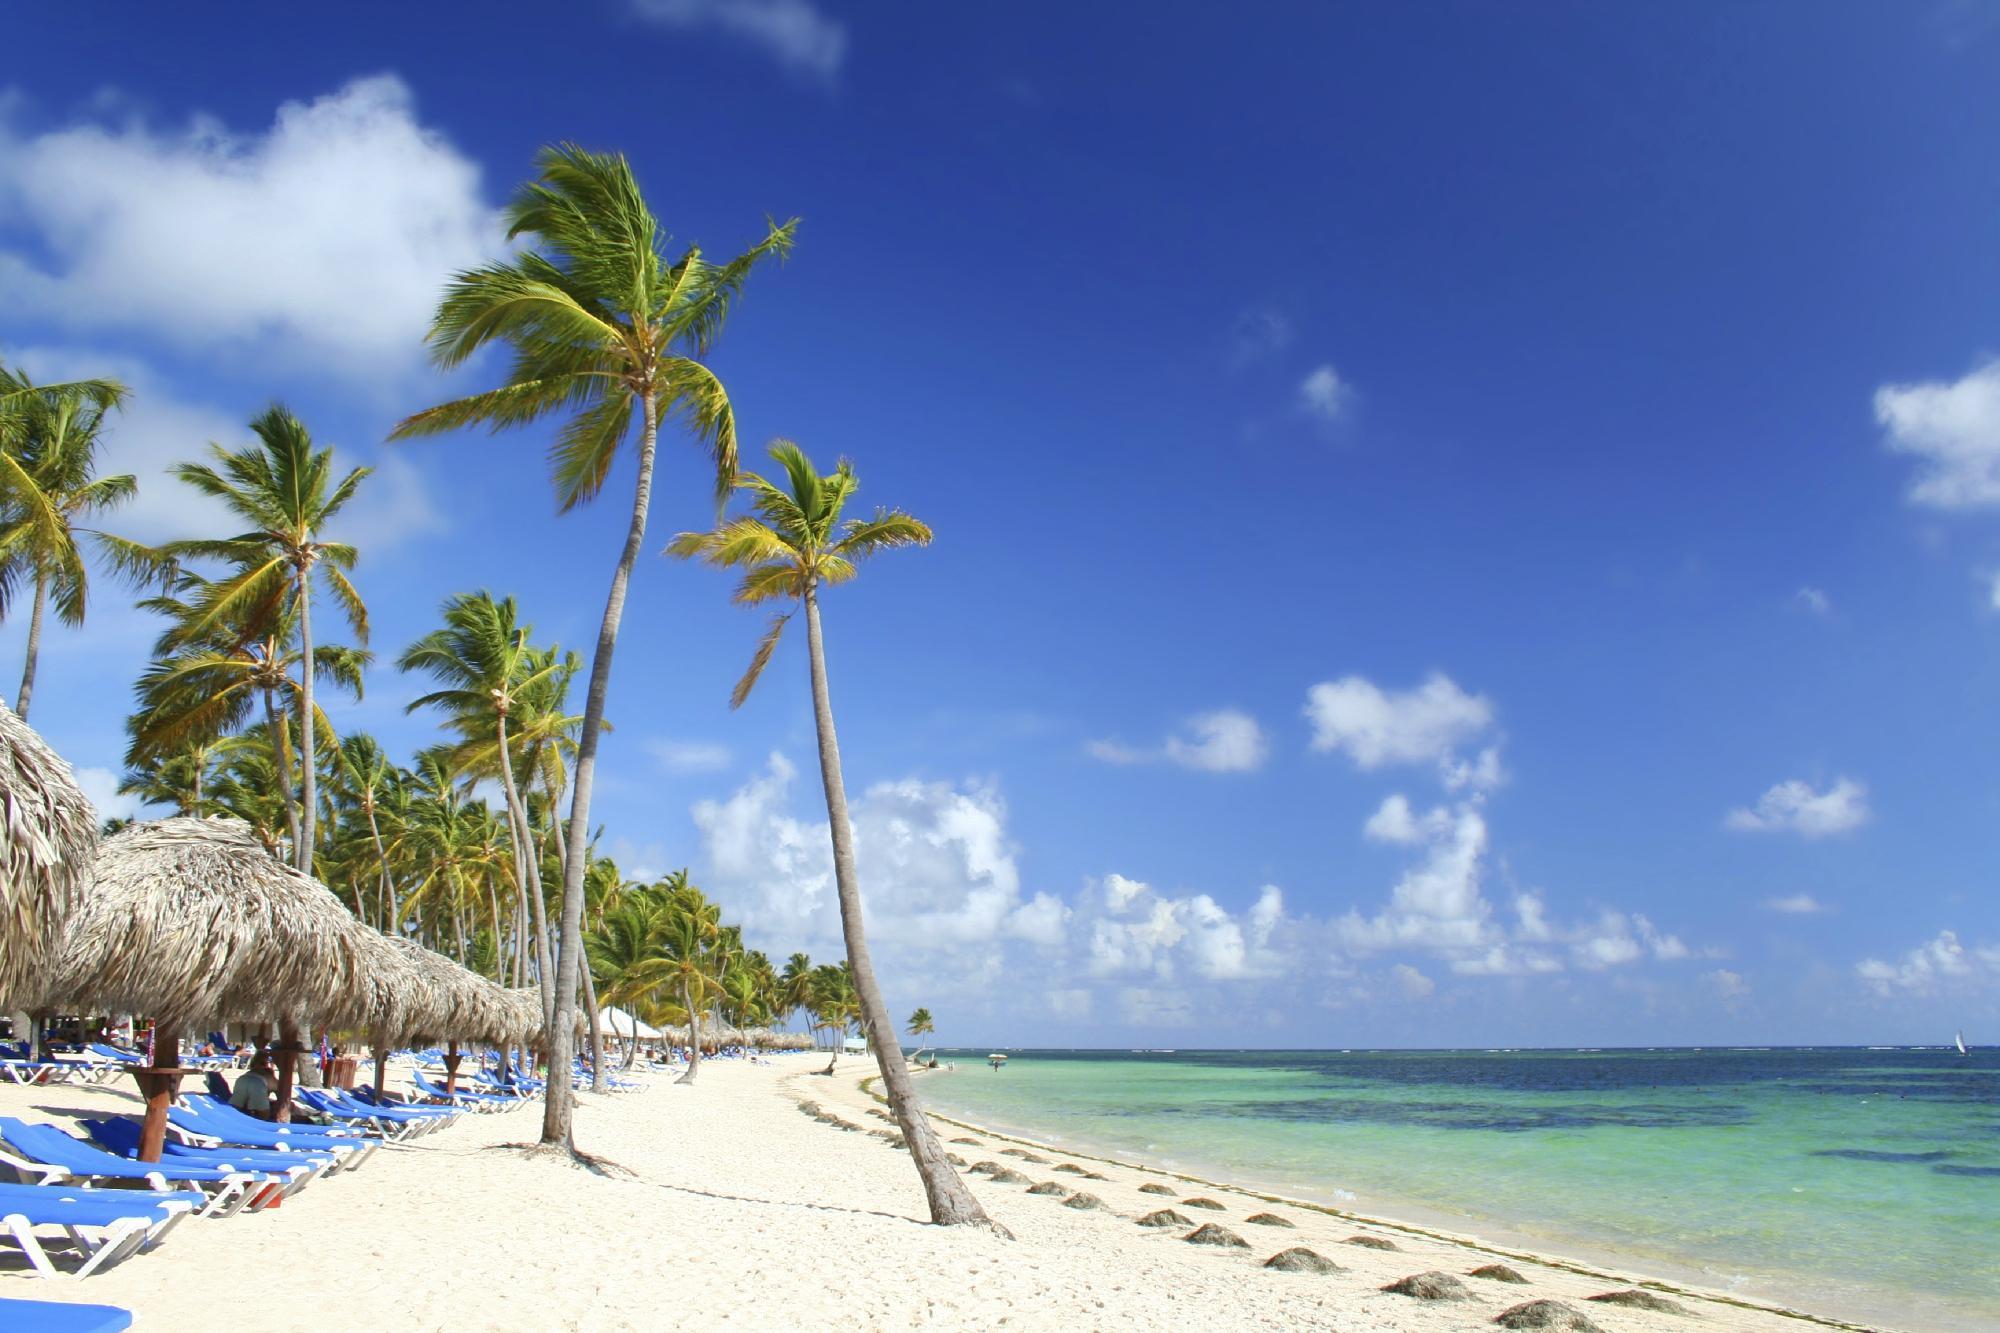 Dominican Republic shore